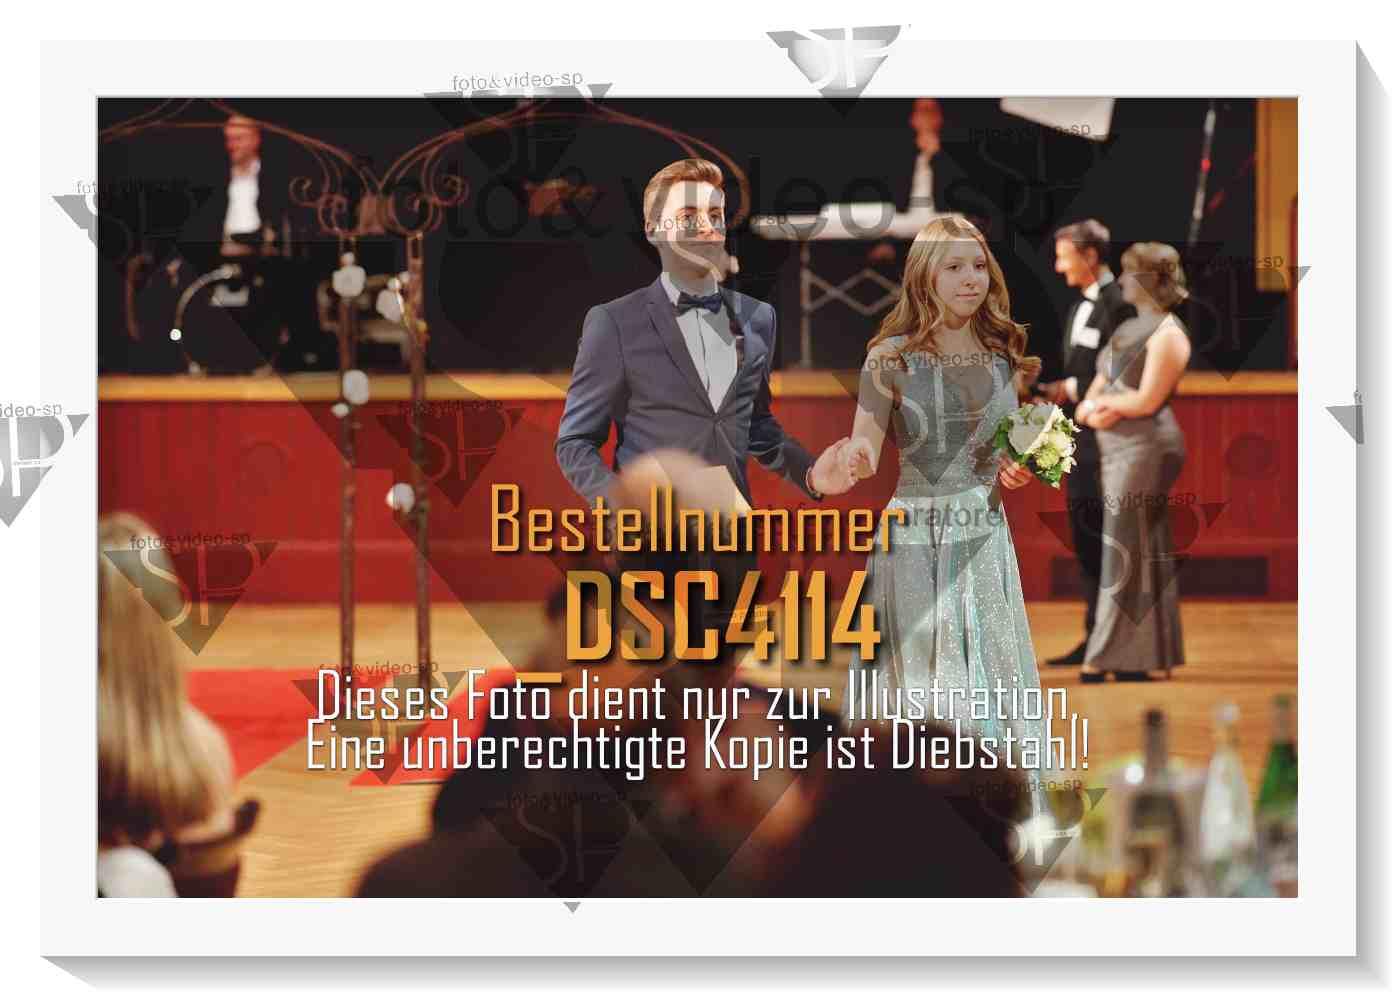 DSC4114